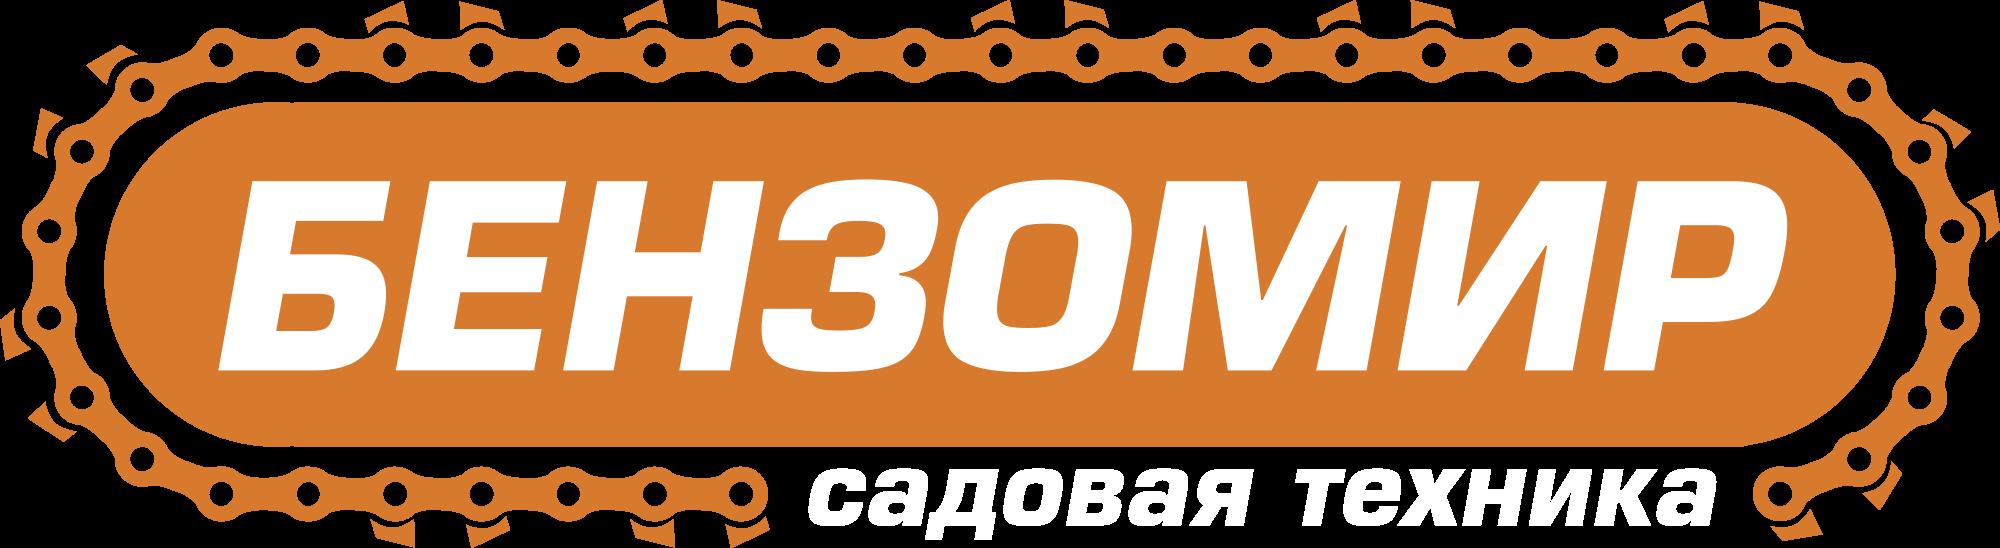 КЛИЕНТАМ